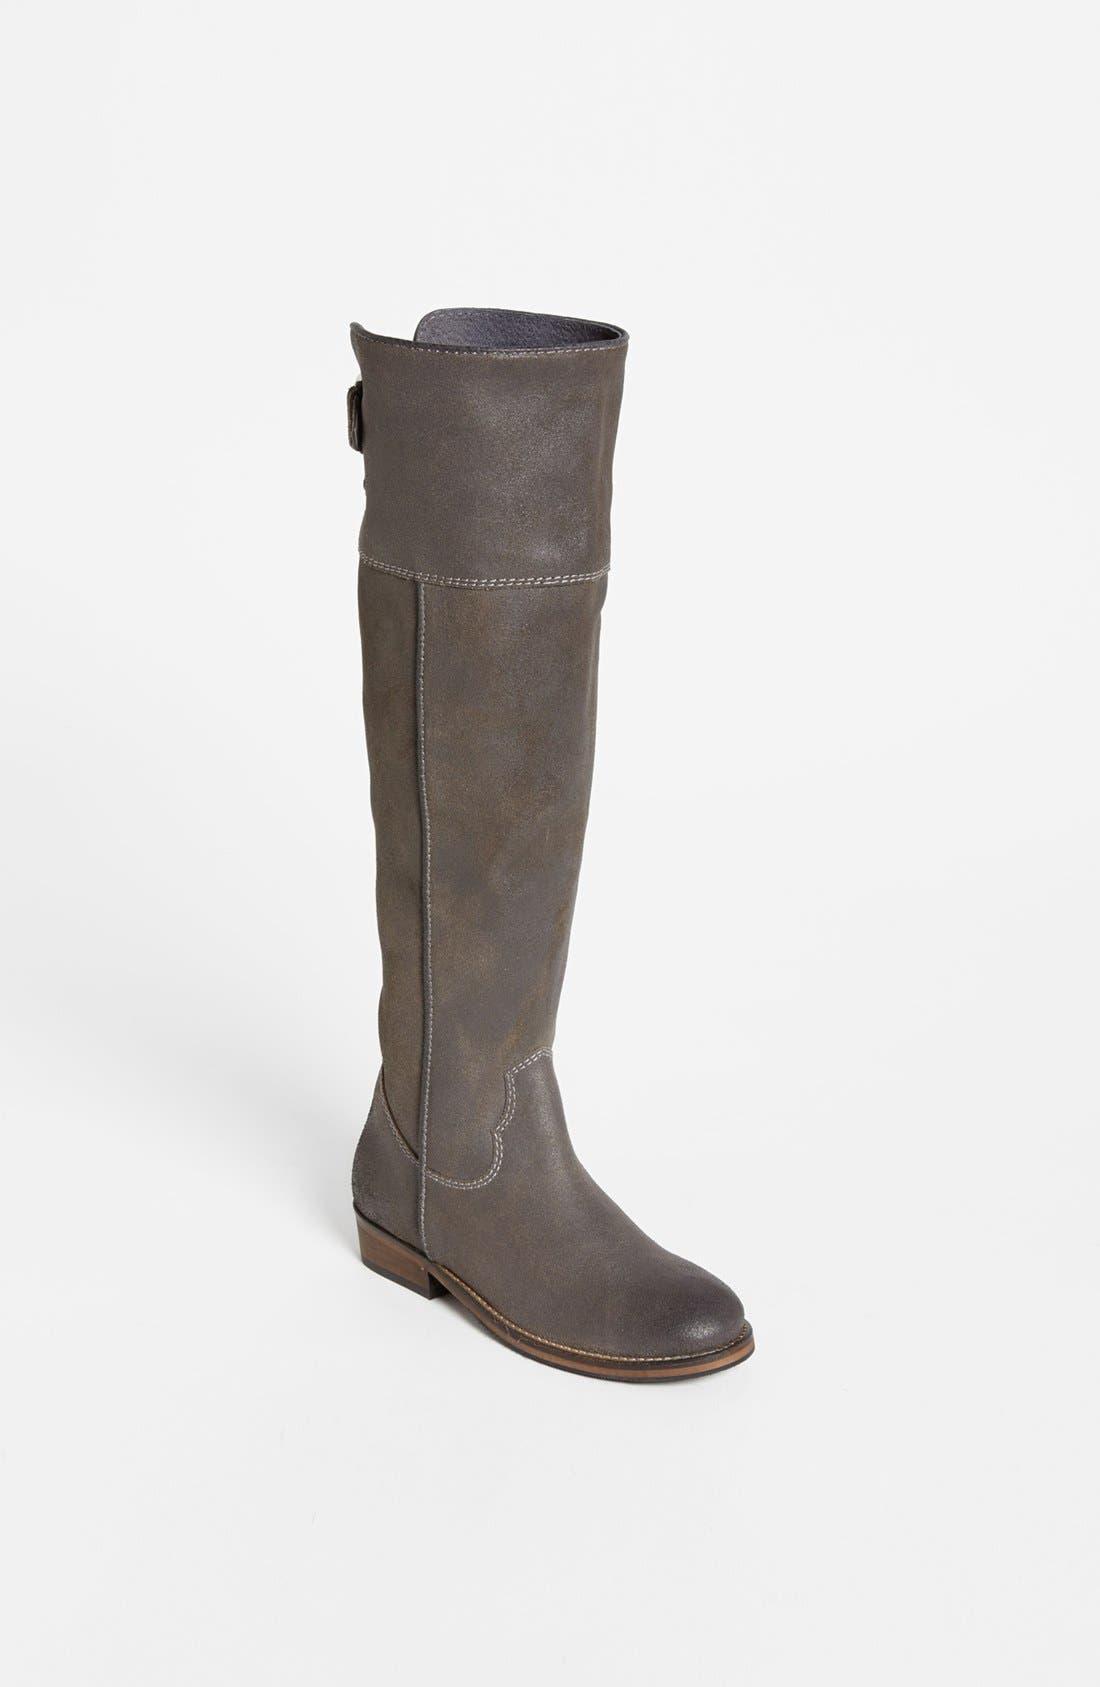 Alternate Image 1 Selected - BP. 'Darbie' Boot